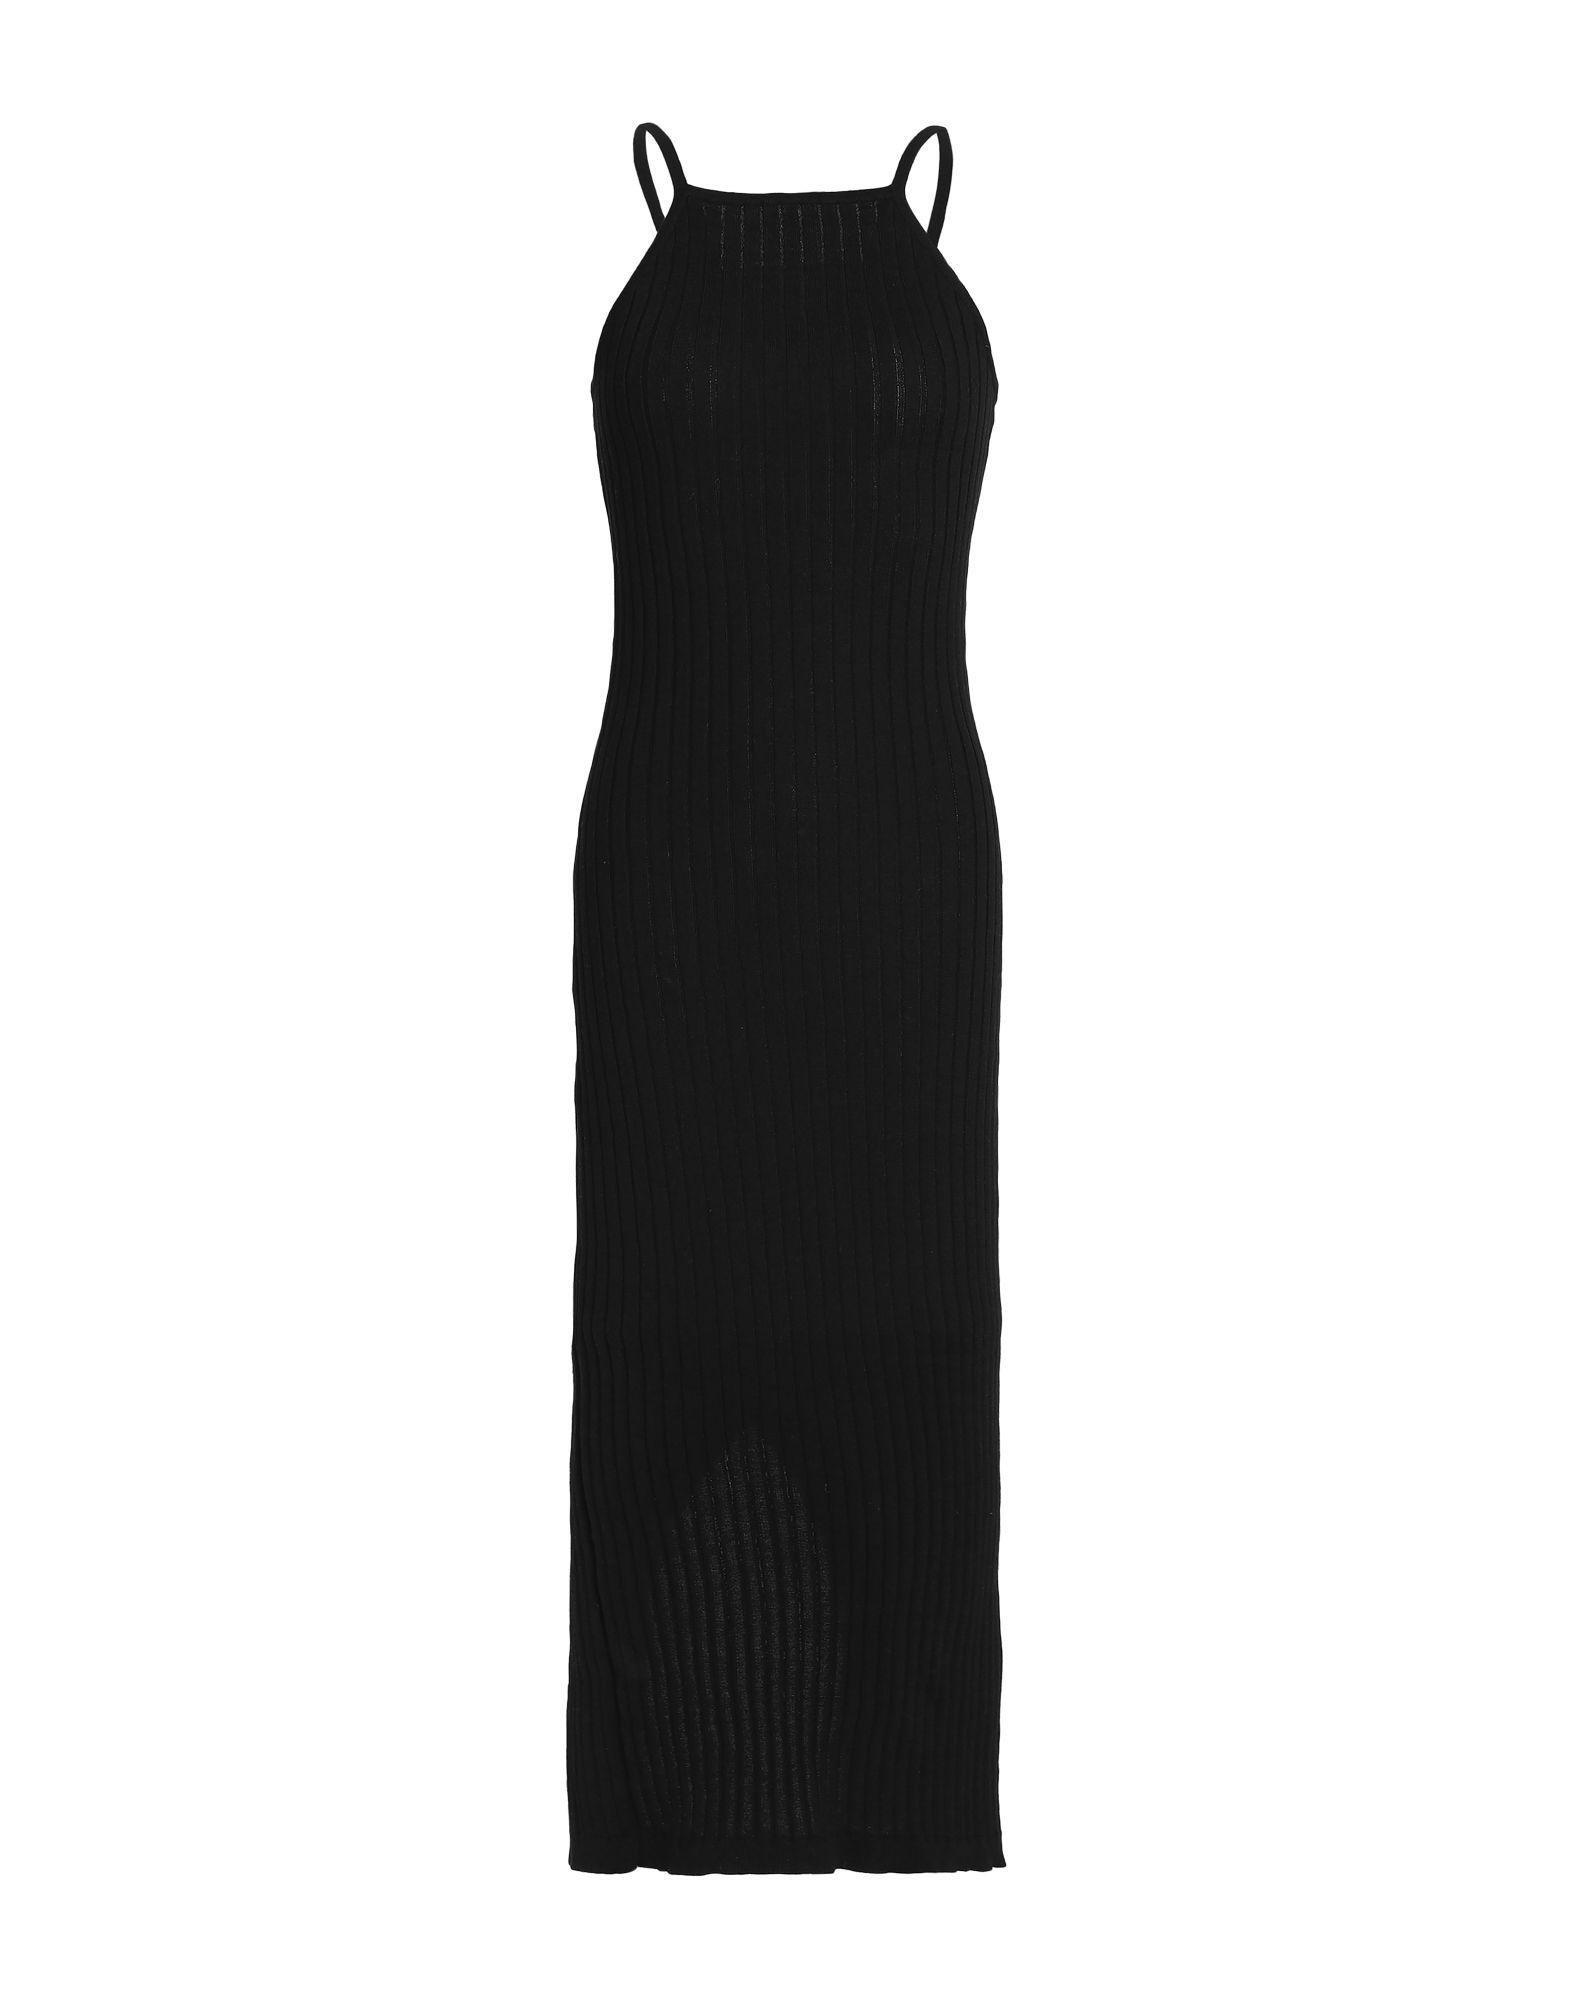 Фото - AUTUMN CASHMERE Платье длиной 3/4 autumn cashmere платье до колена